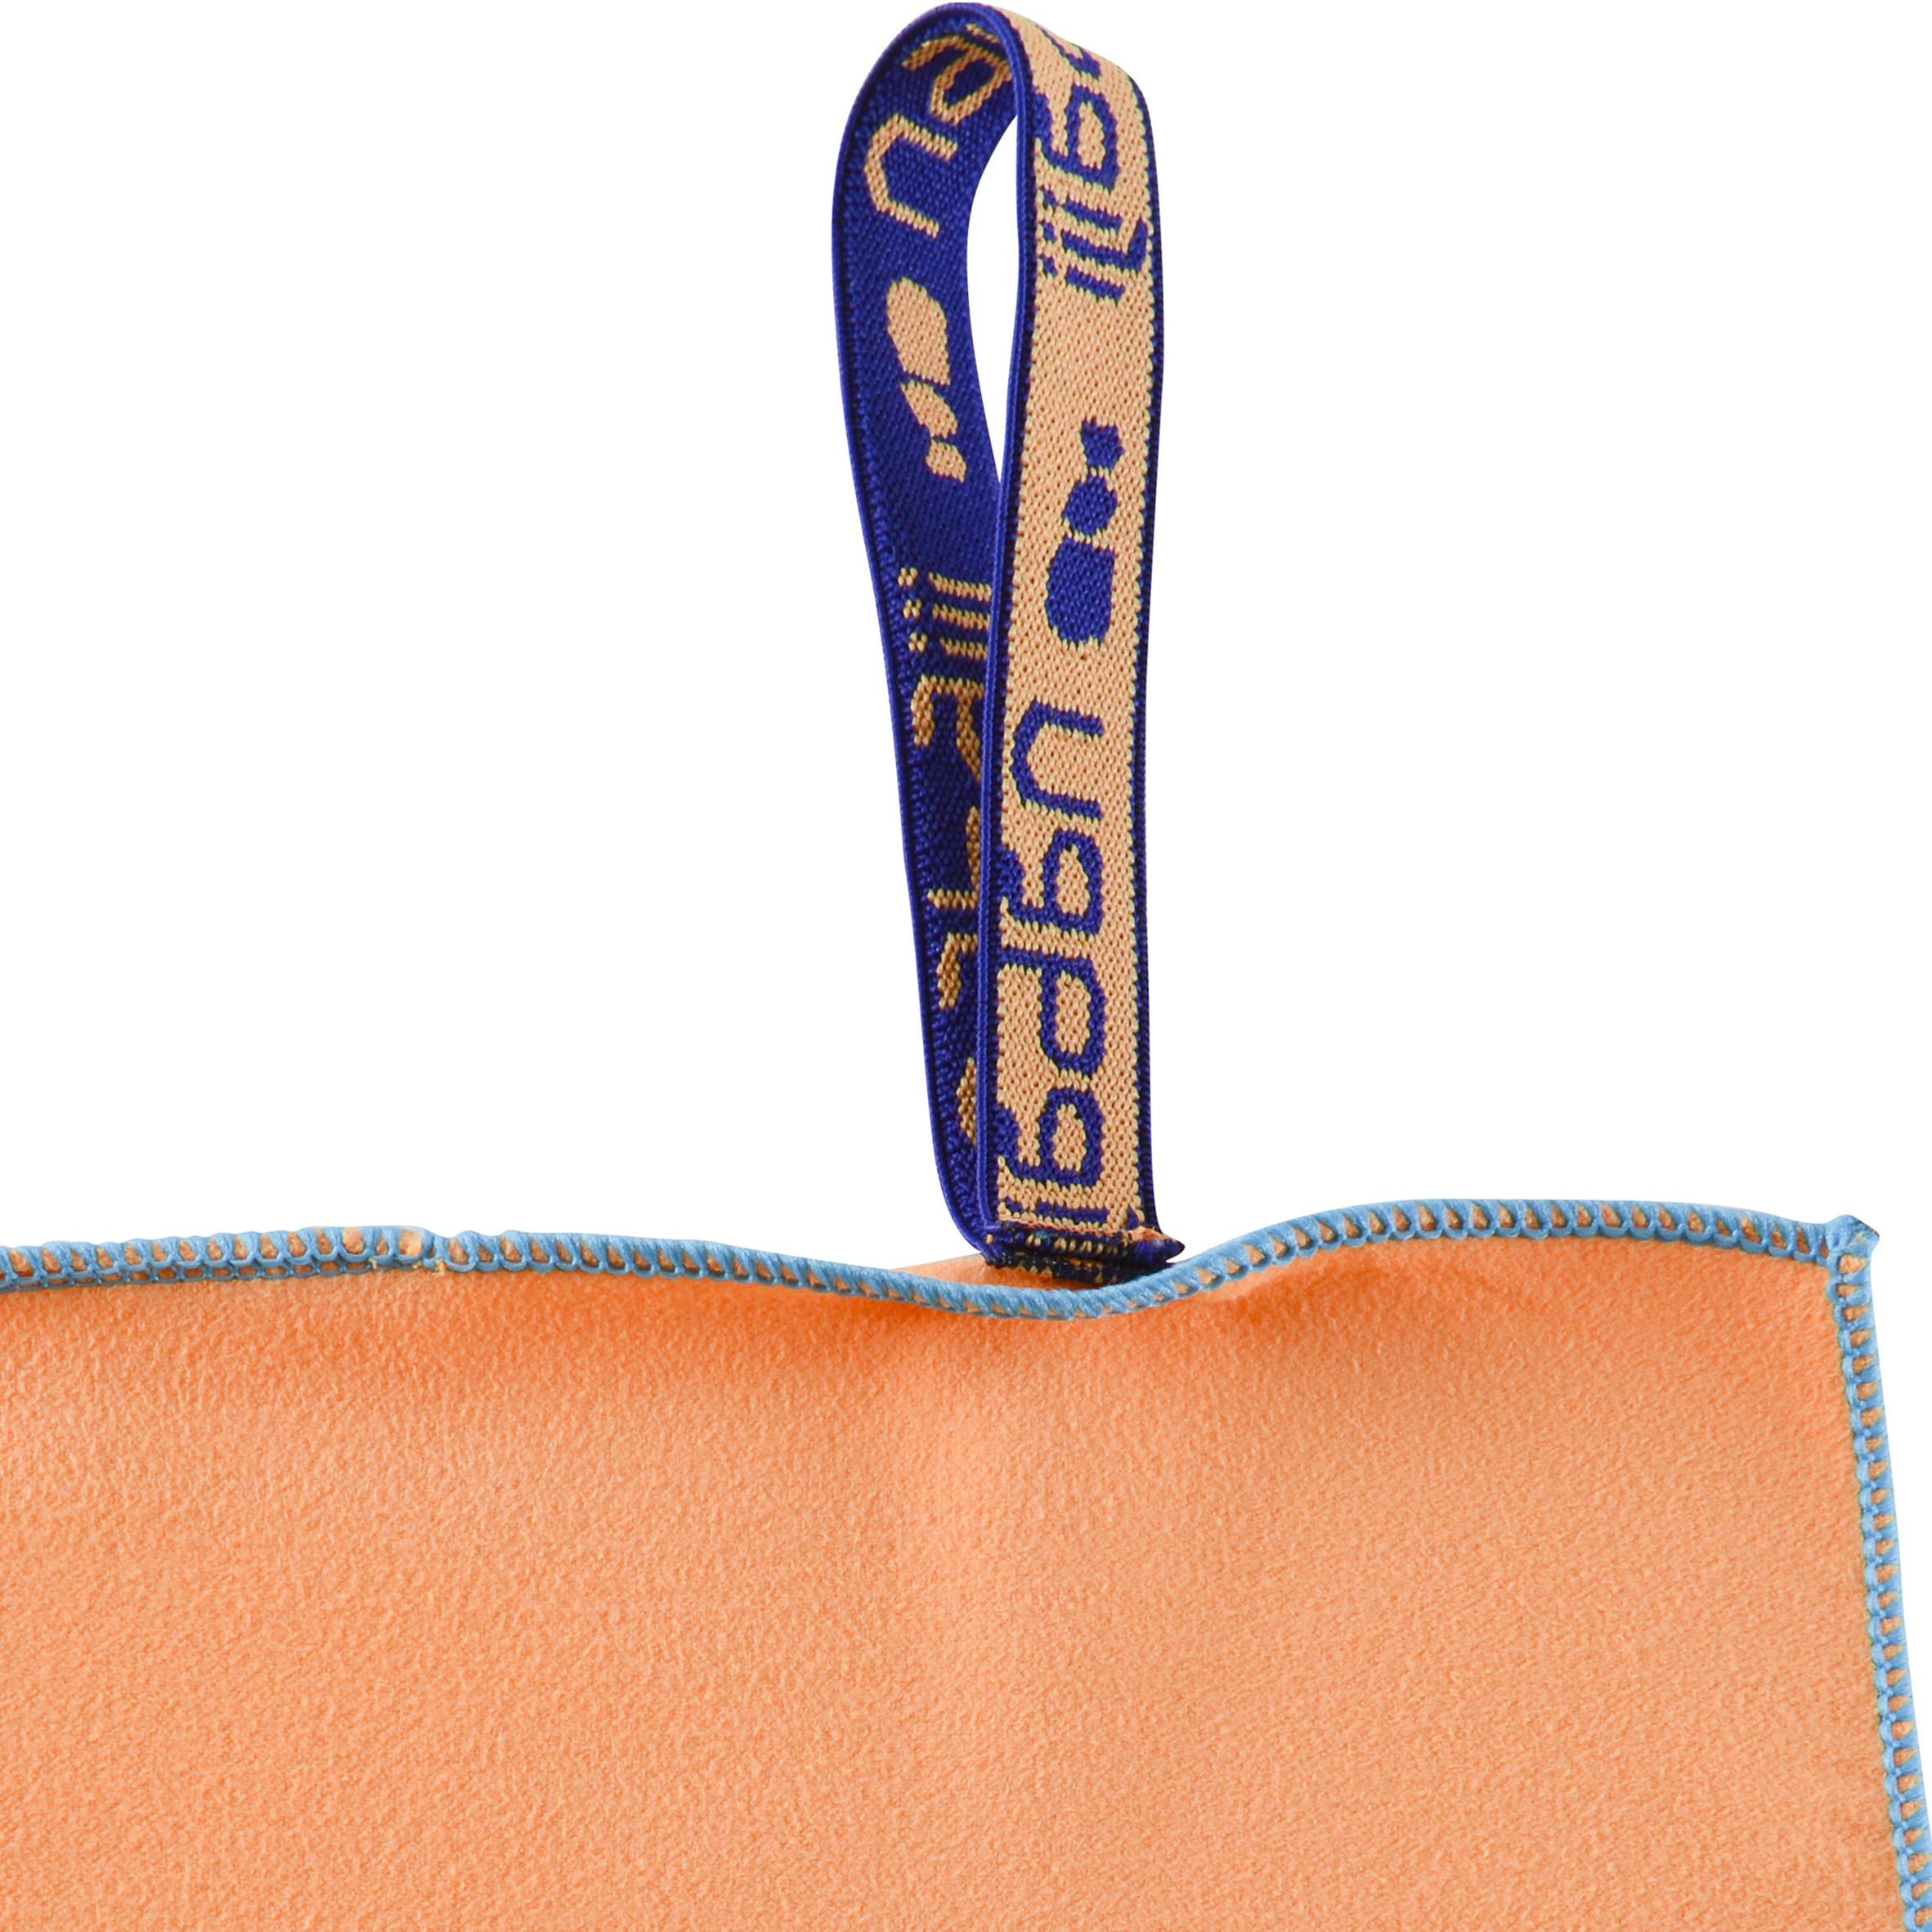 Microfibre Towel Size L 80 x 130 cm - Light Orange